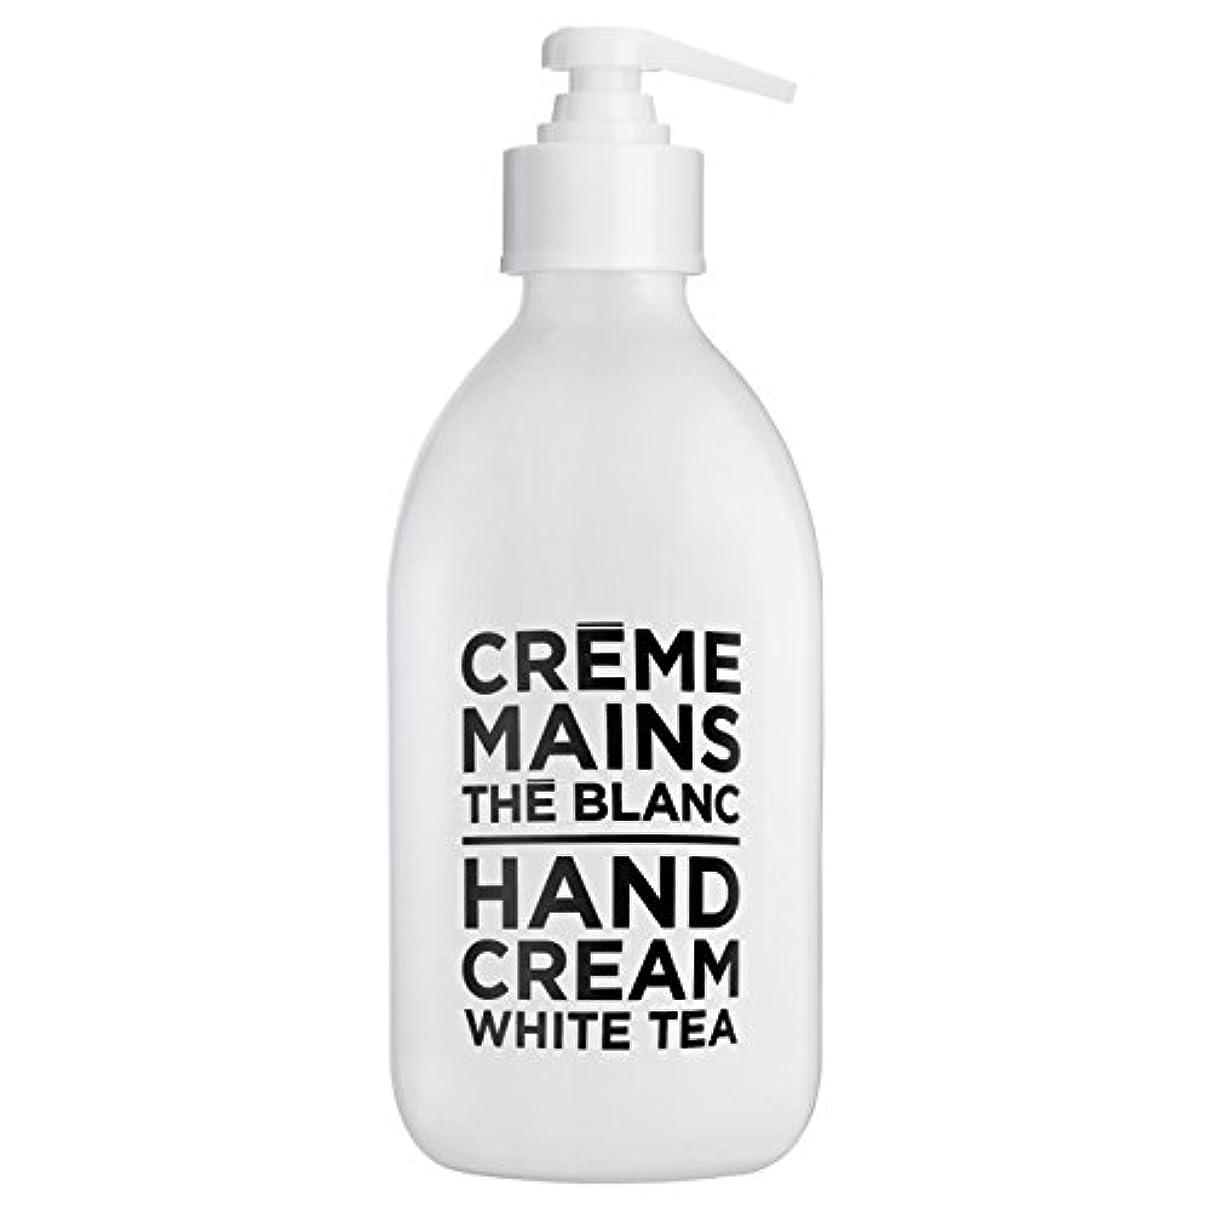 アレンジ経由でブレークカンパニードプロバンス ブラック&ホワイト ハンドクリーム ホワイトティー(ホワイトティーにシトラスを添えた気品ある香り) 300ml